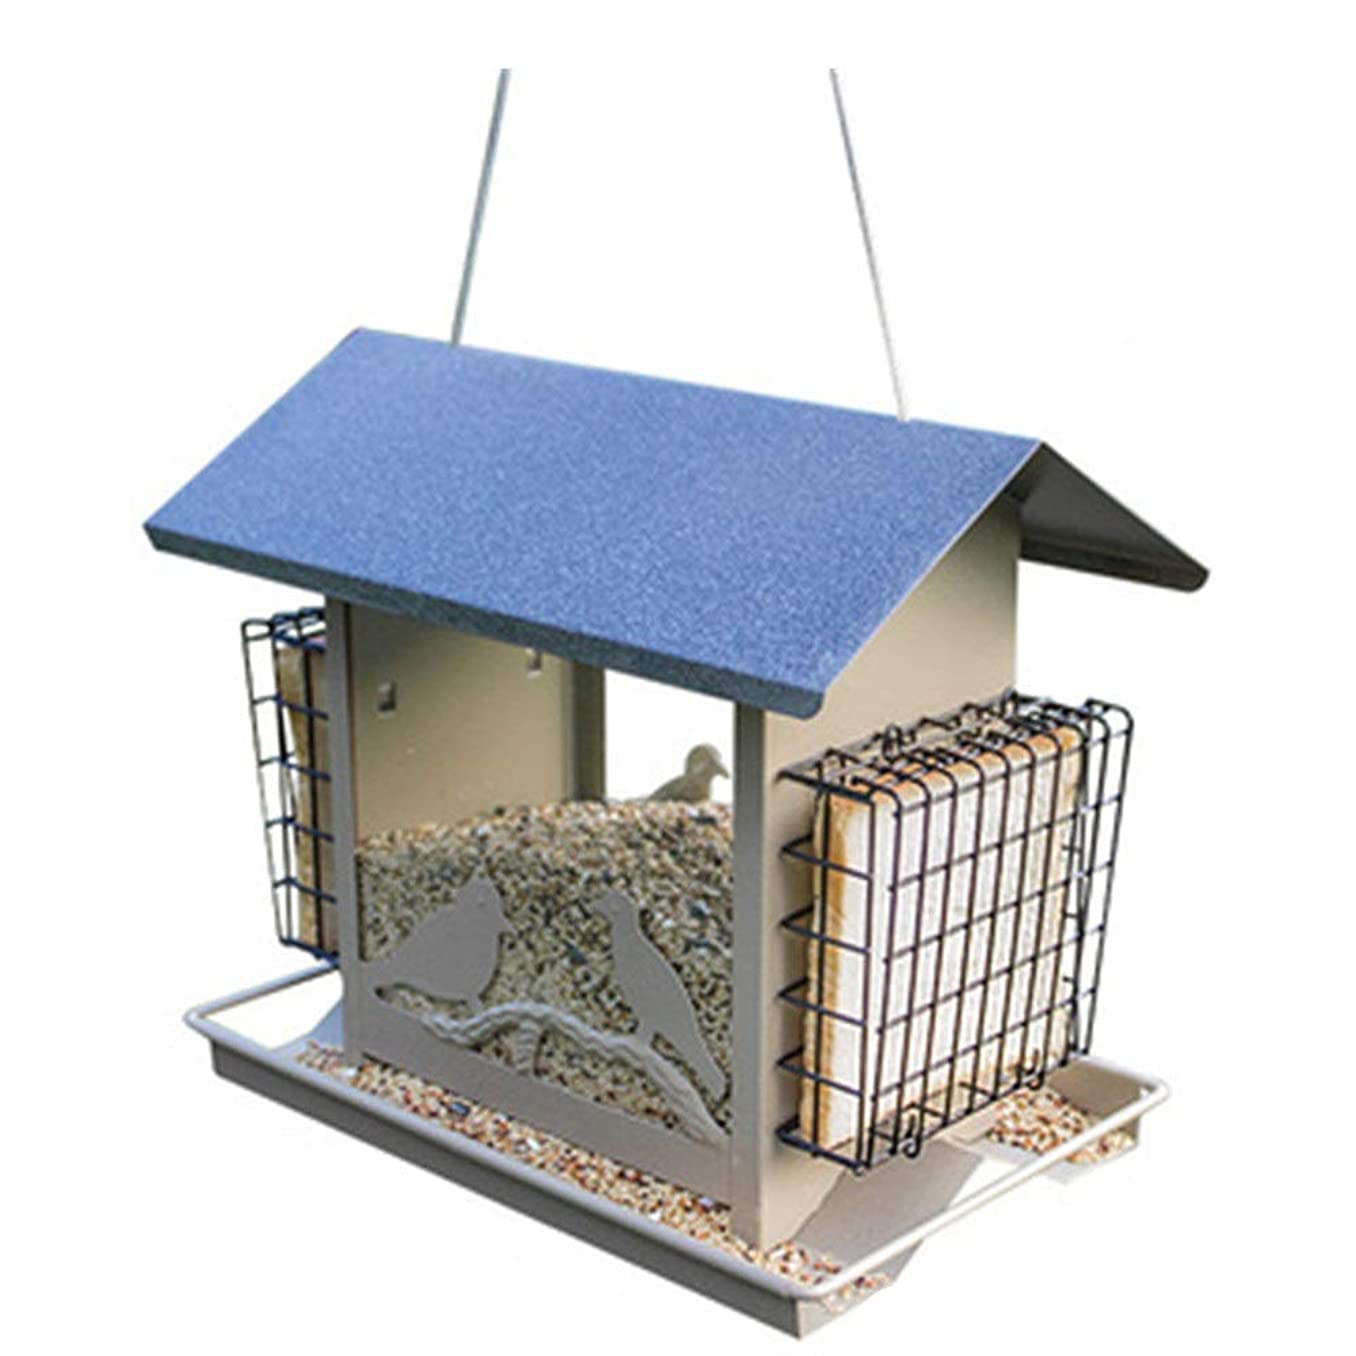 配列理想的には調和鳥の餌箱 大型ダブルトラディショナルメタル耐候性バードフィーダーハウスデザインクリエイティブハンギングデコレーションバードテーブルフリースタンディングイージークリーニング&リフィルアウトドア用バードフィーダー バルコニー、庭 (色 : 青, サ...